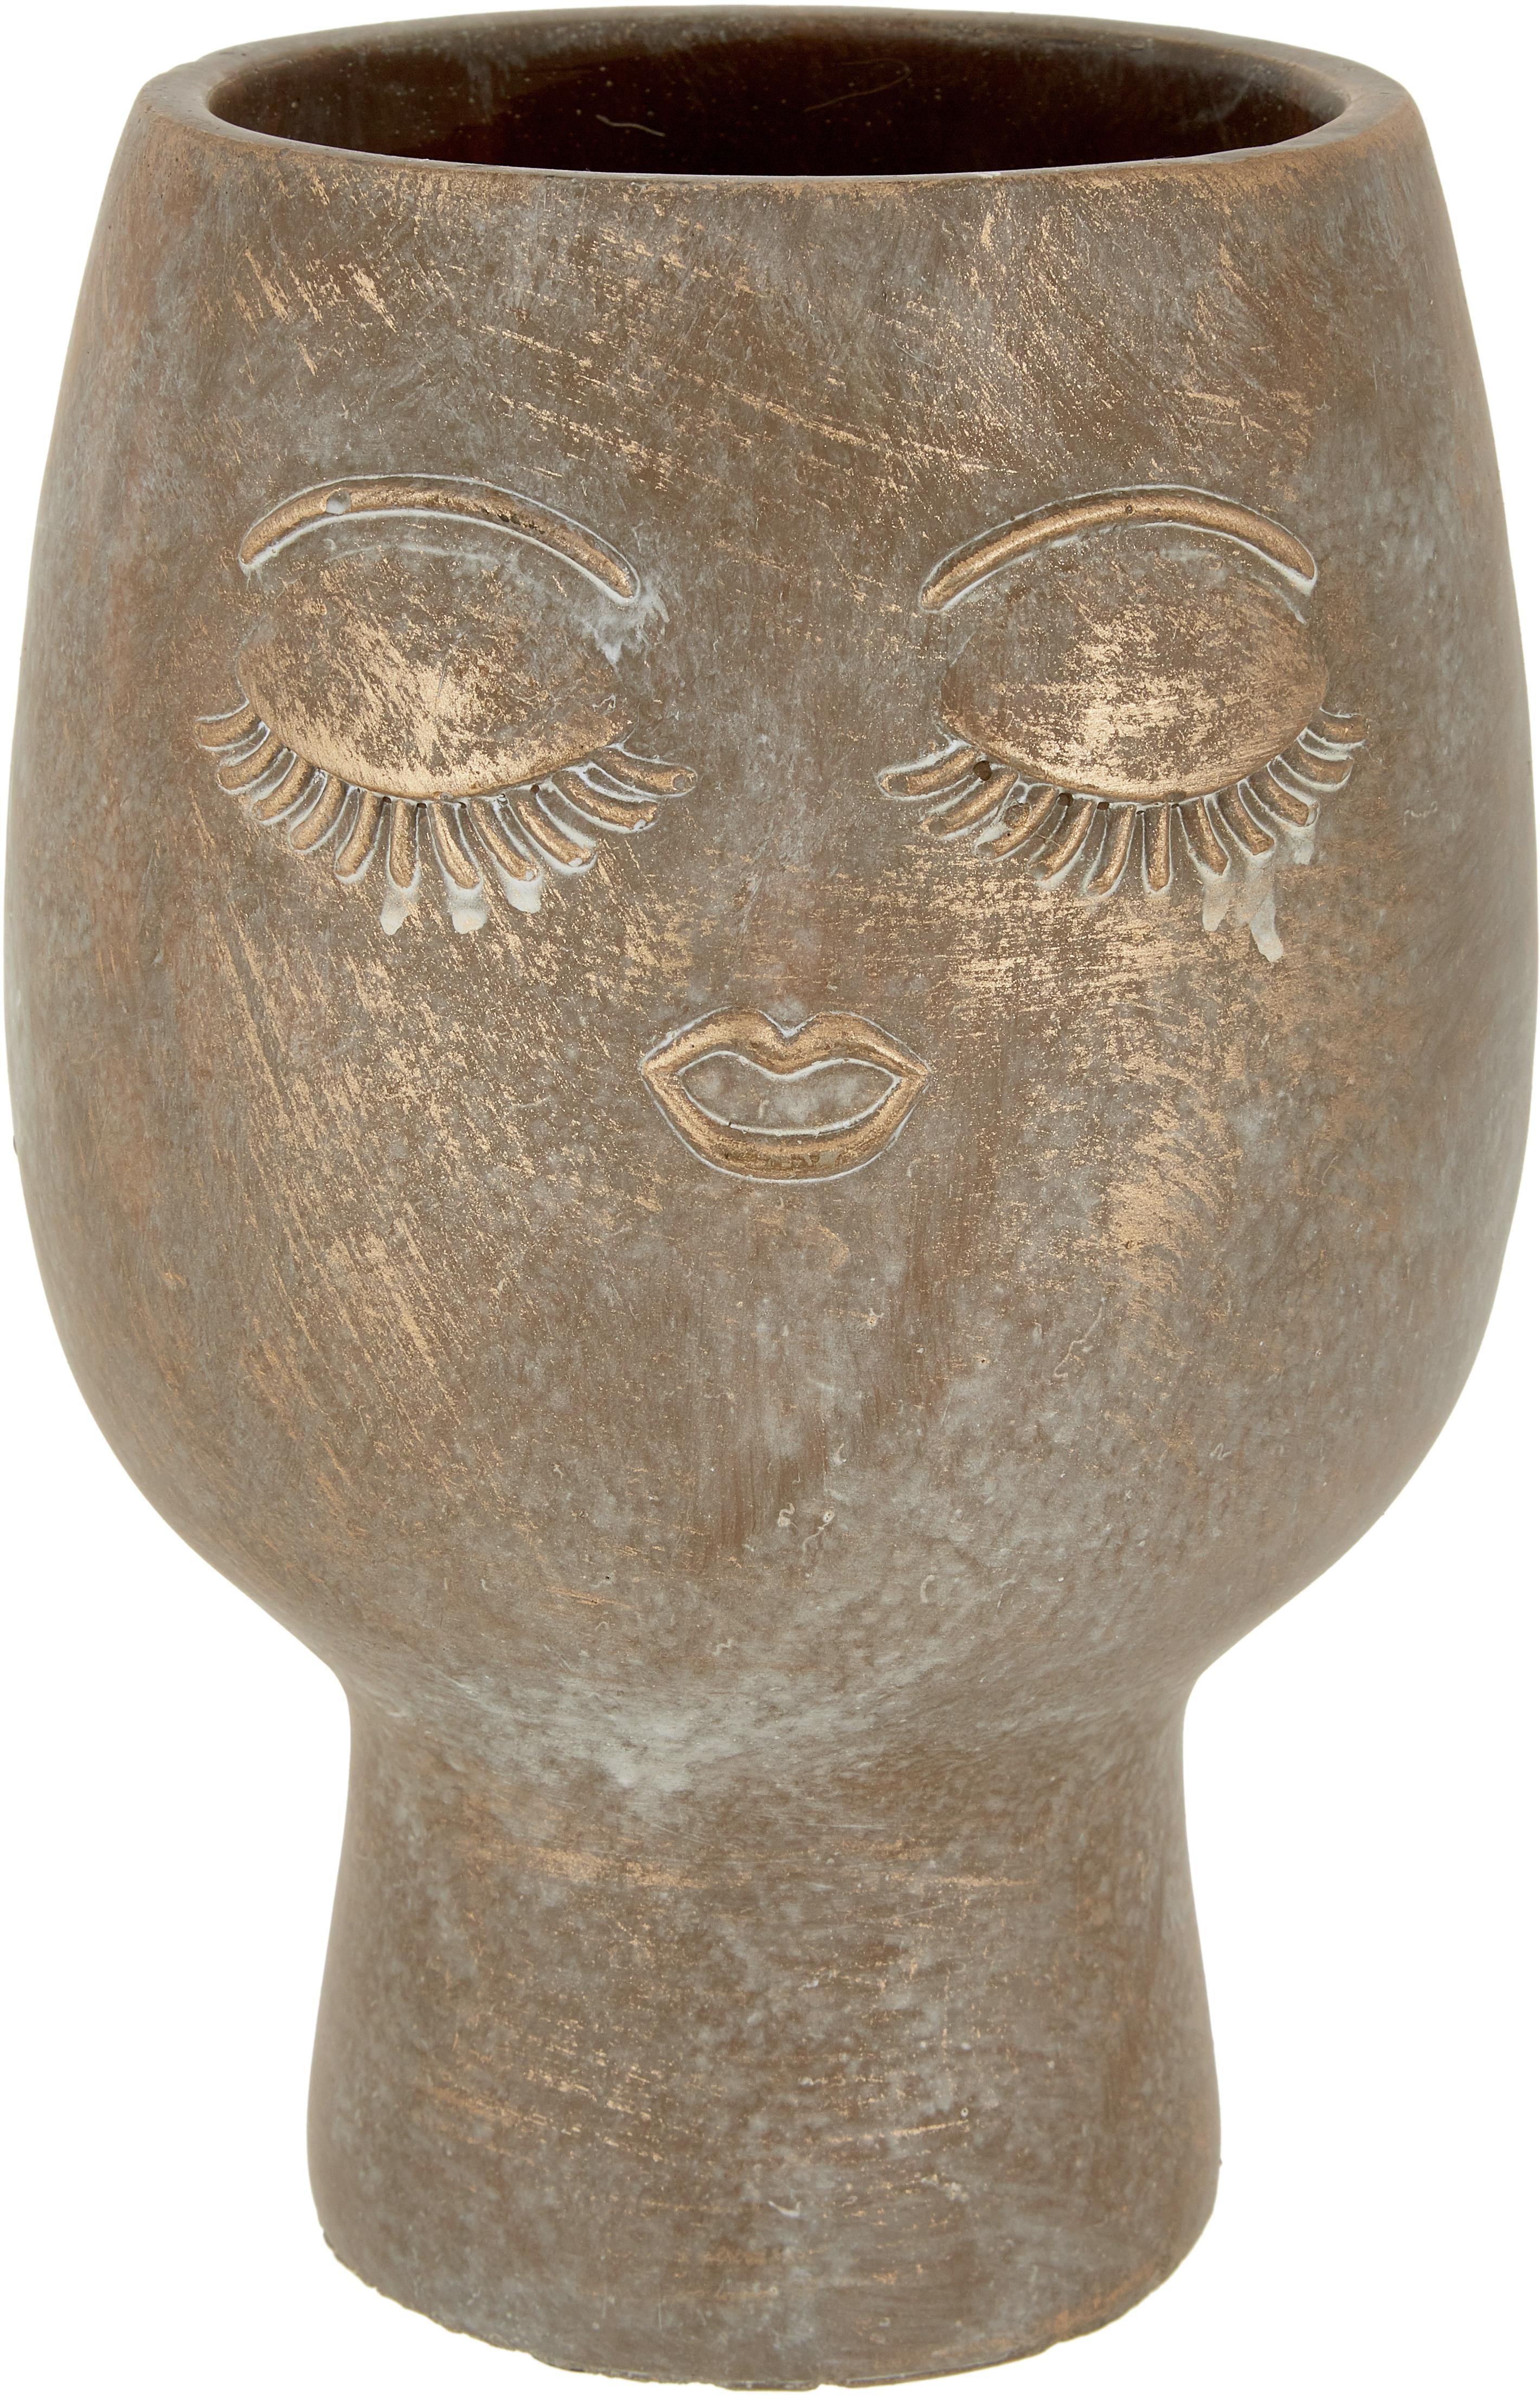 Portavaso in cemento Consi, Cemento, rivestito, Ottonato, Ø 18 x Alt. 25 cm